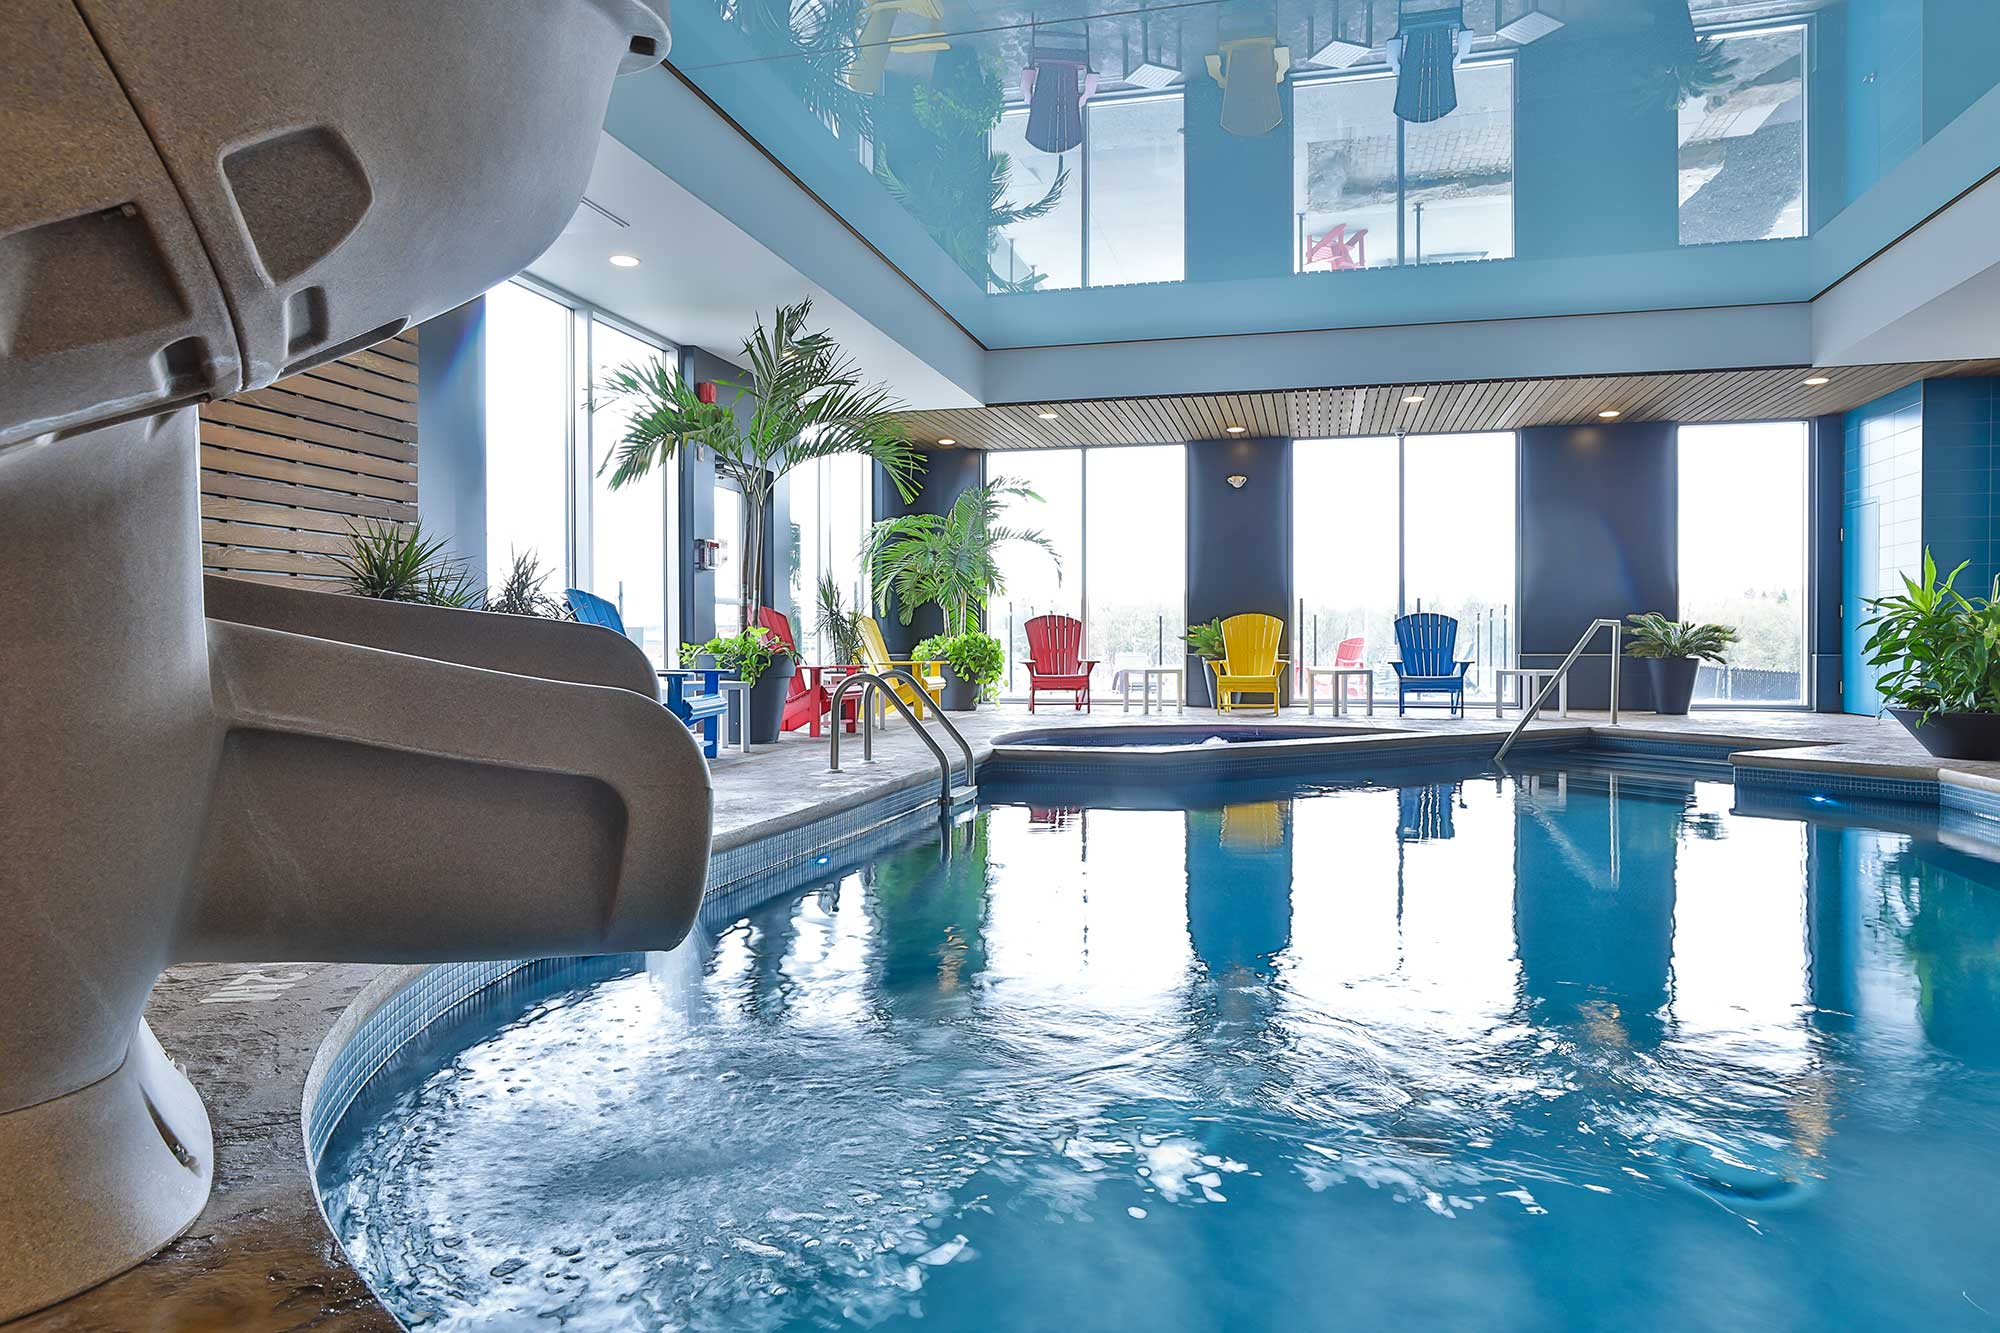 glissade d'eau comfort inn & suites saint-jérôme